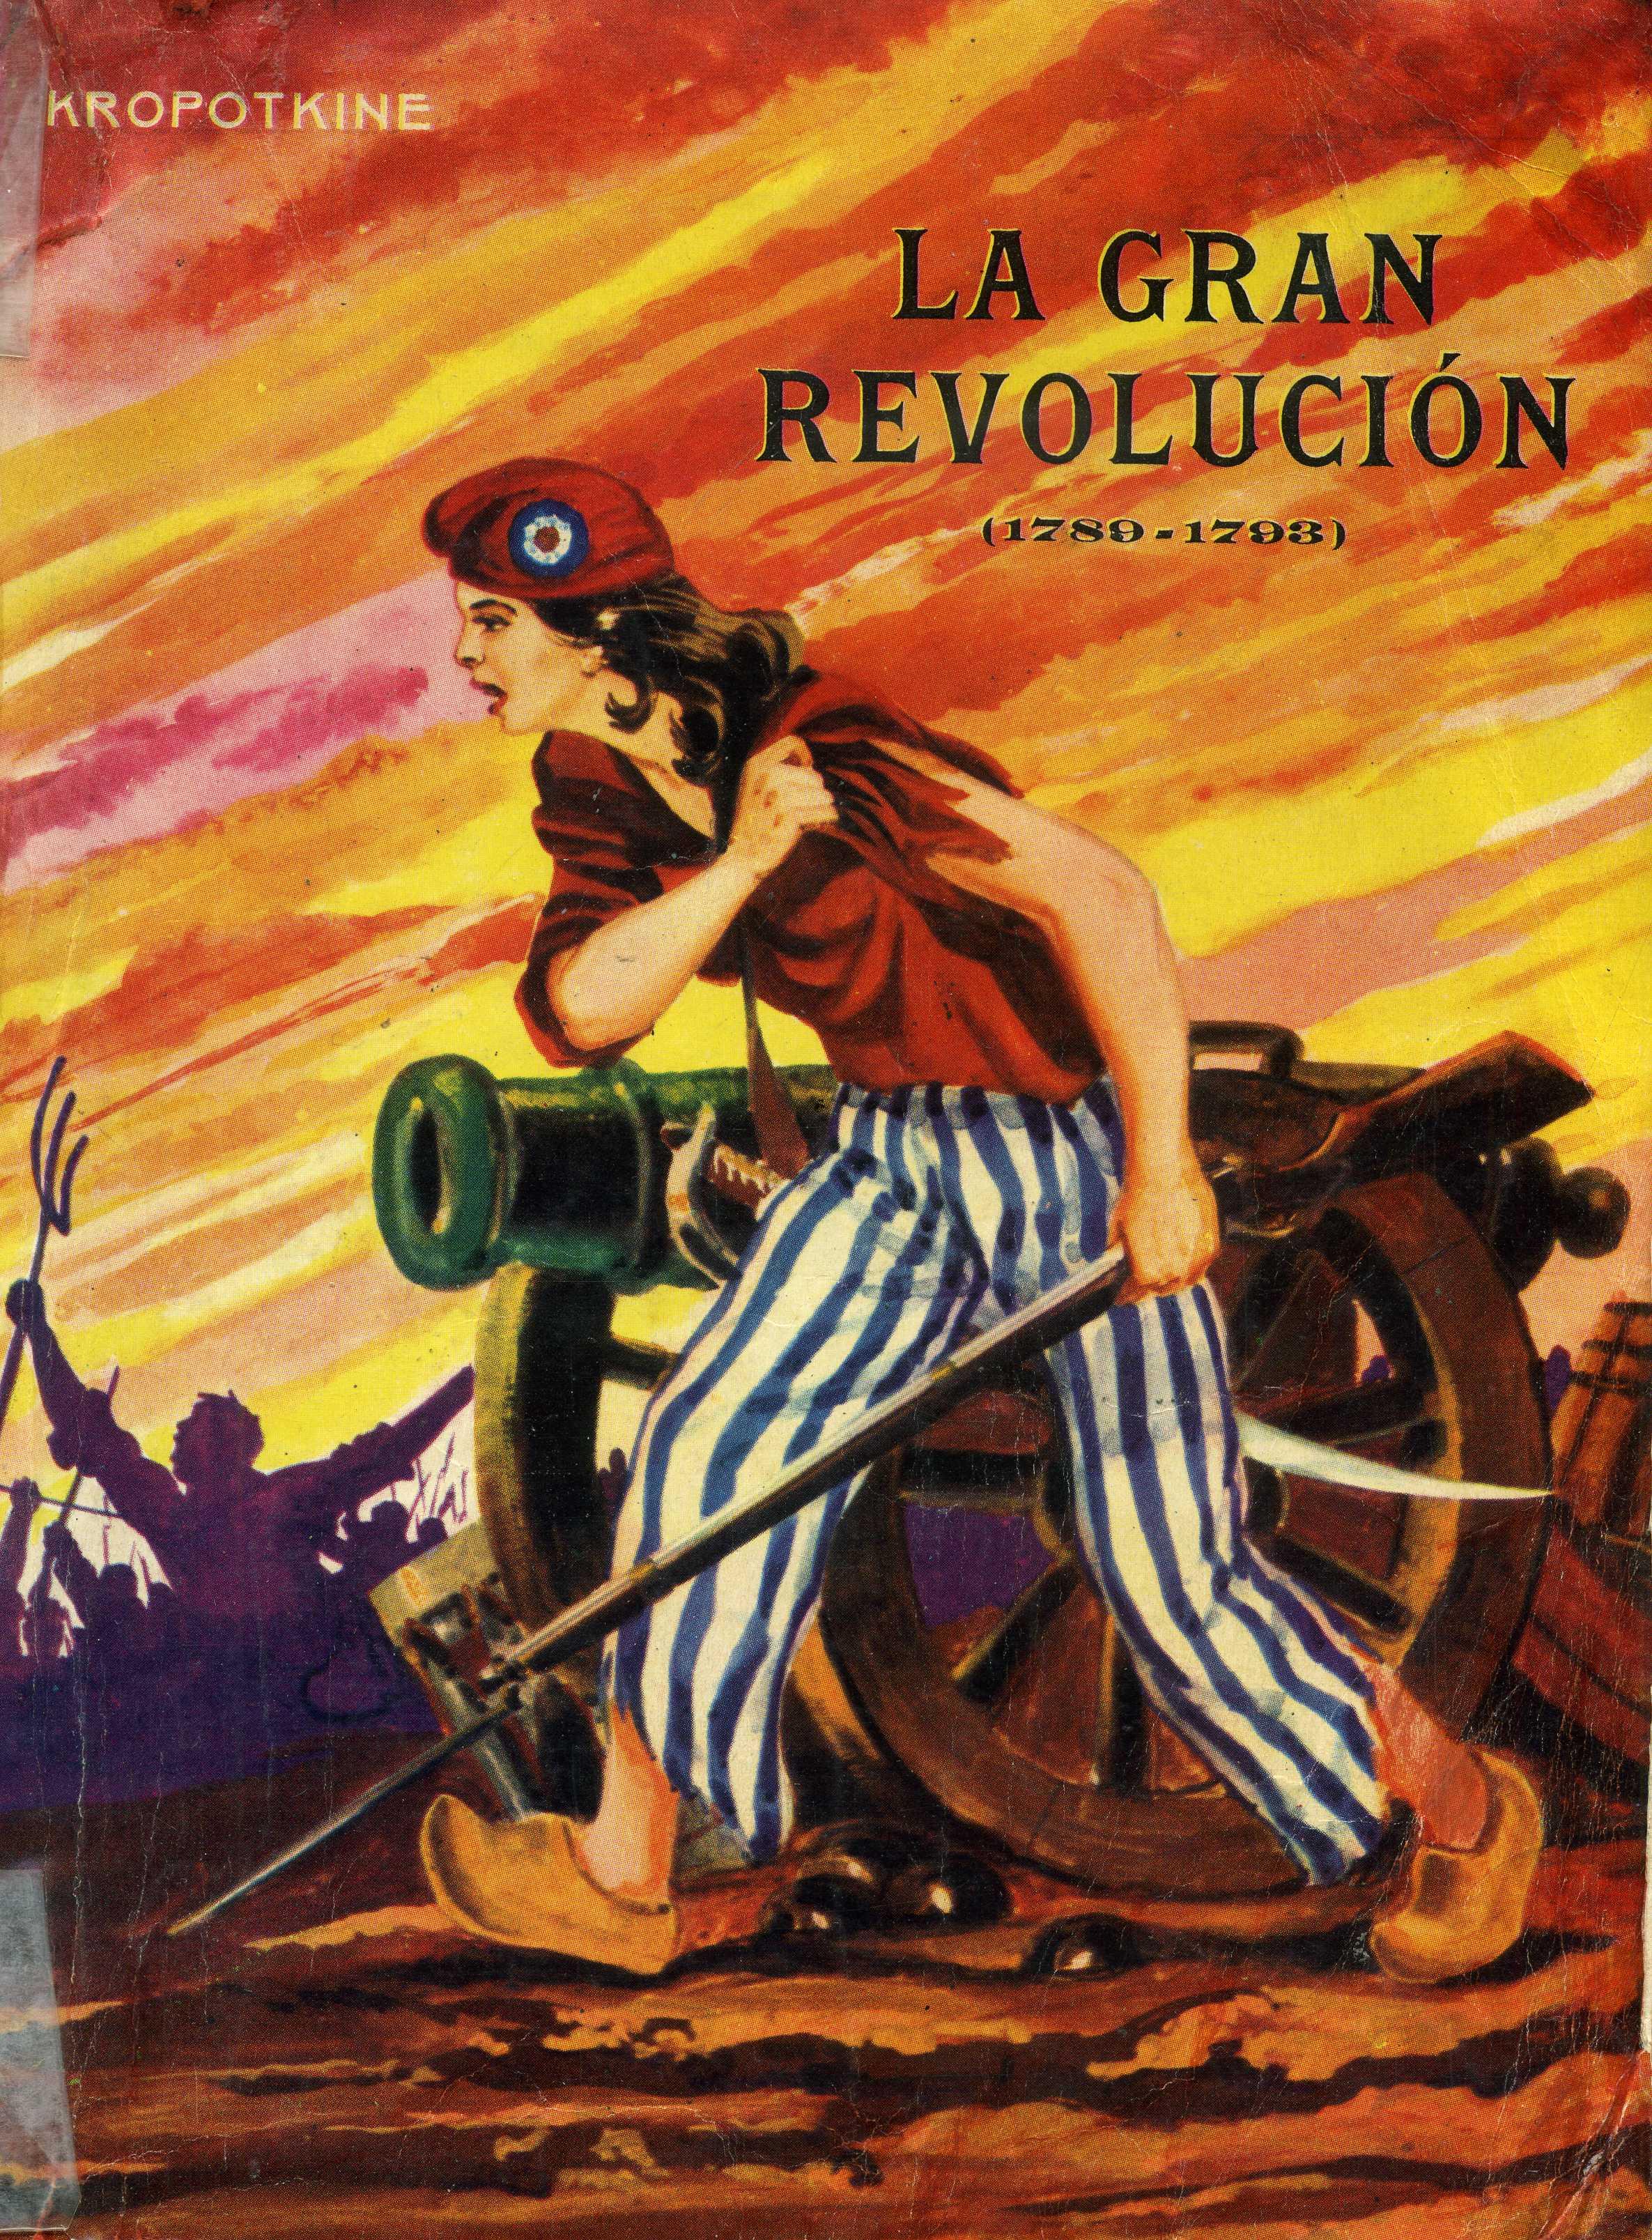 La Gran Revolución